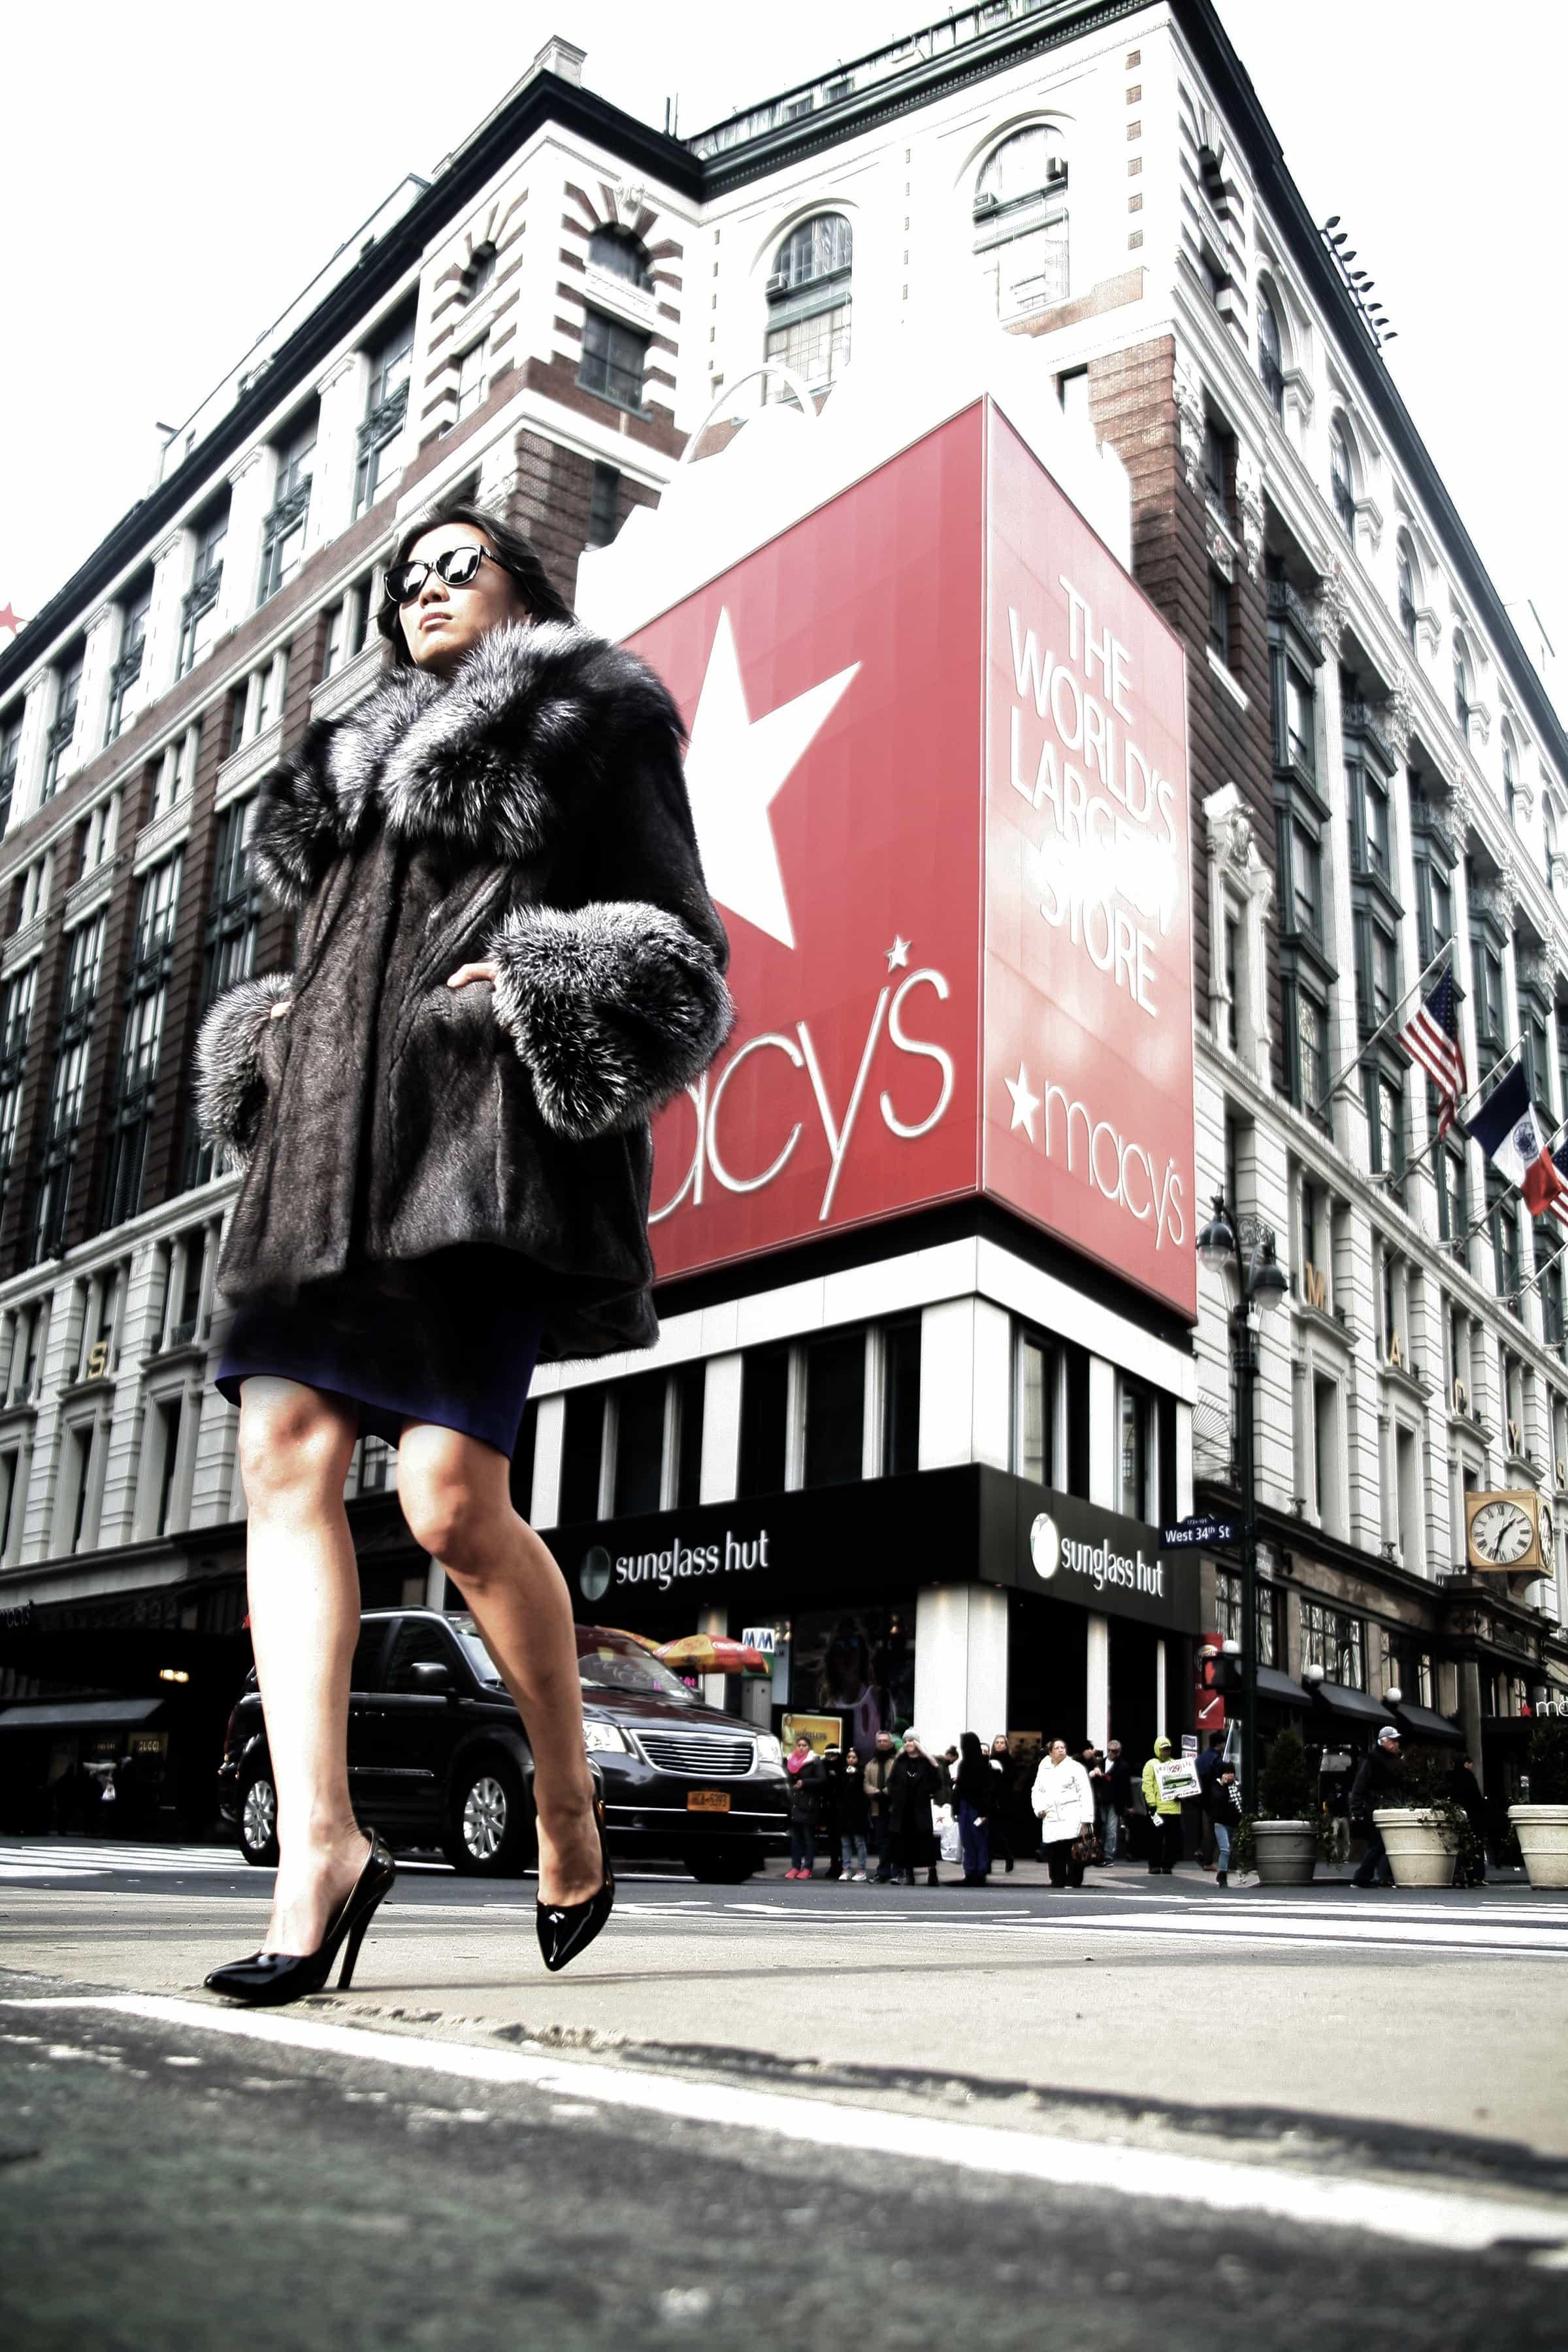 Furs Rock In 2016 Best Furs on Earth